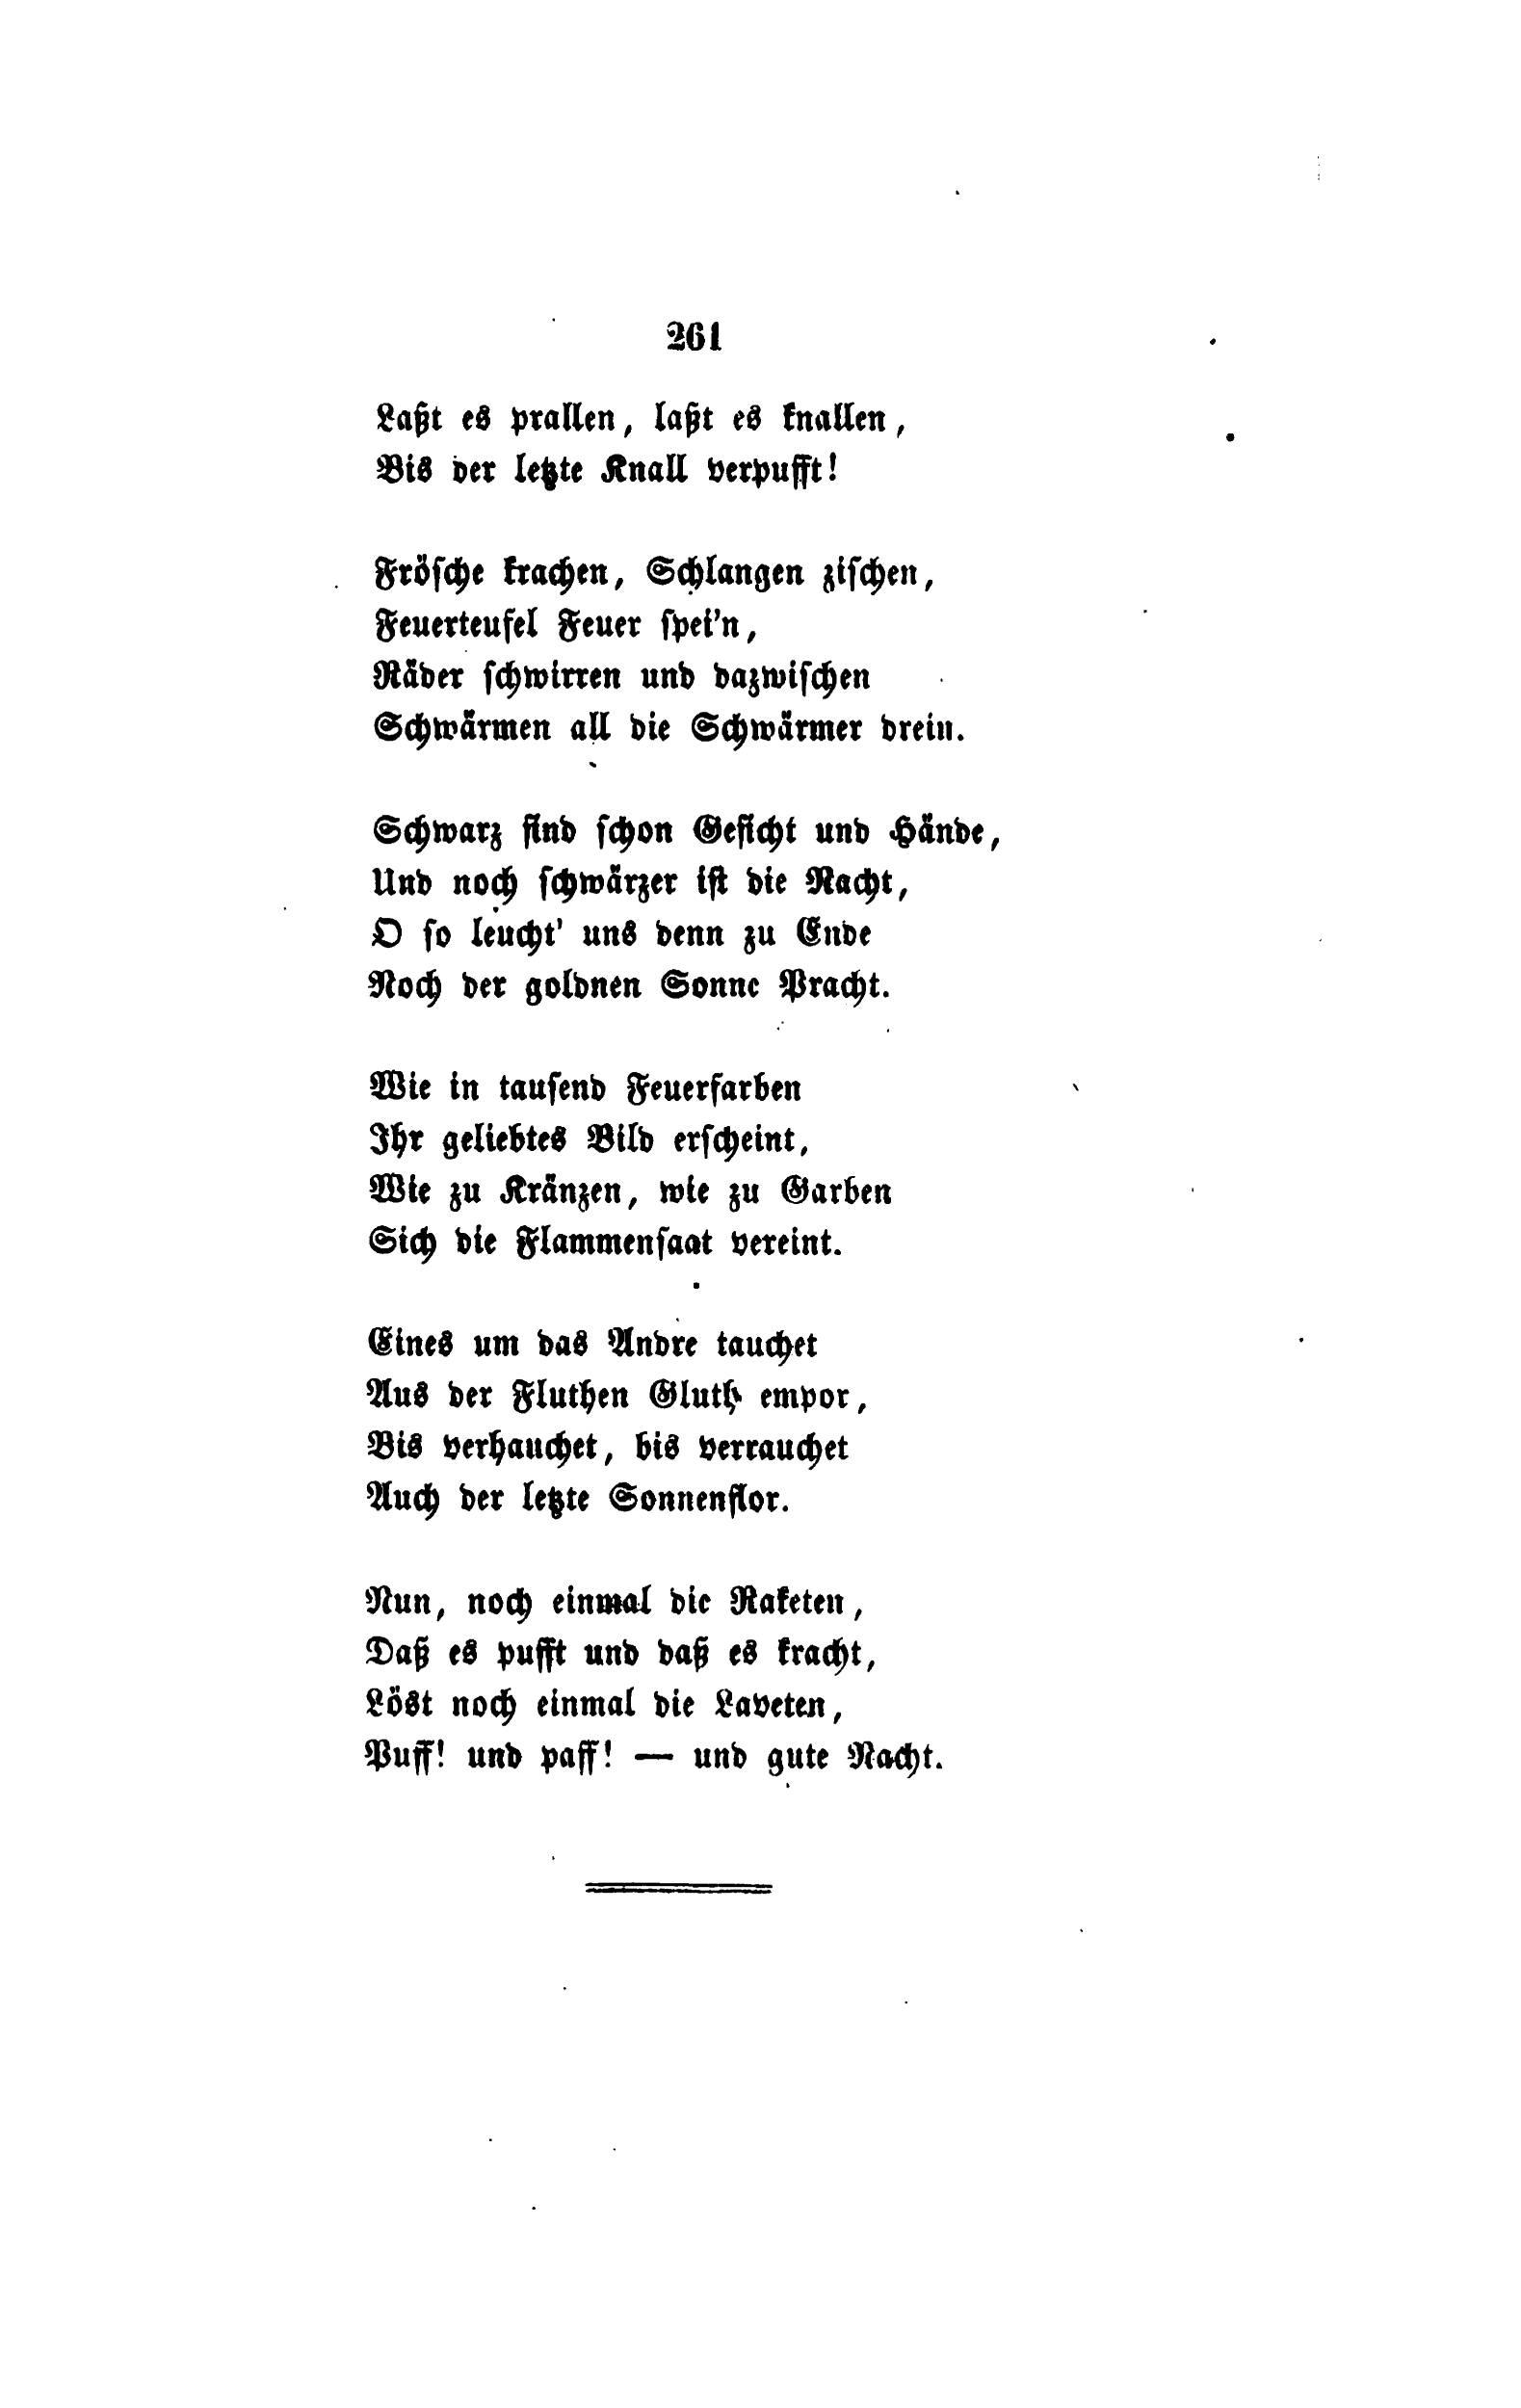 Dazwischen gedicht